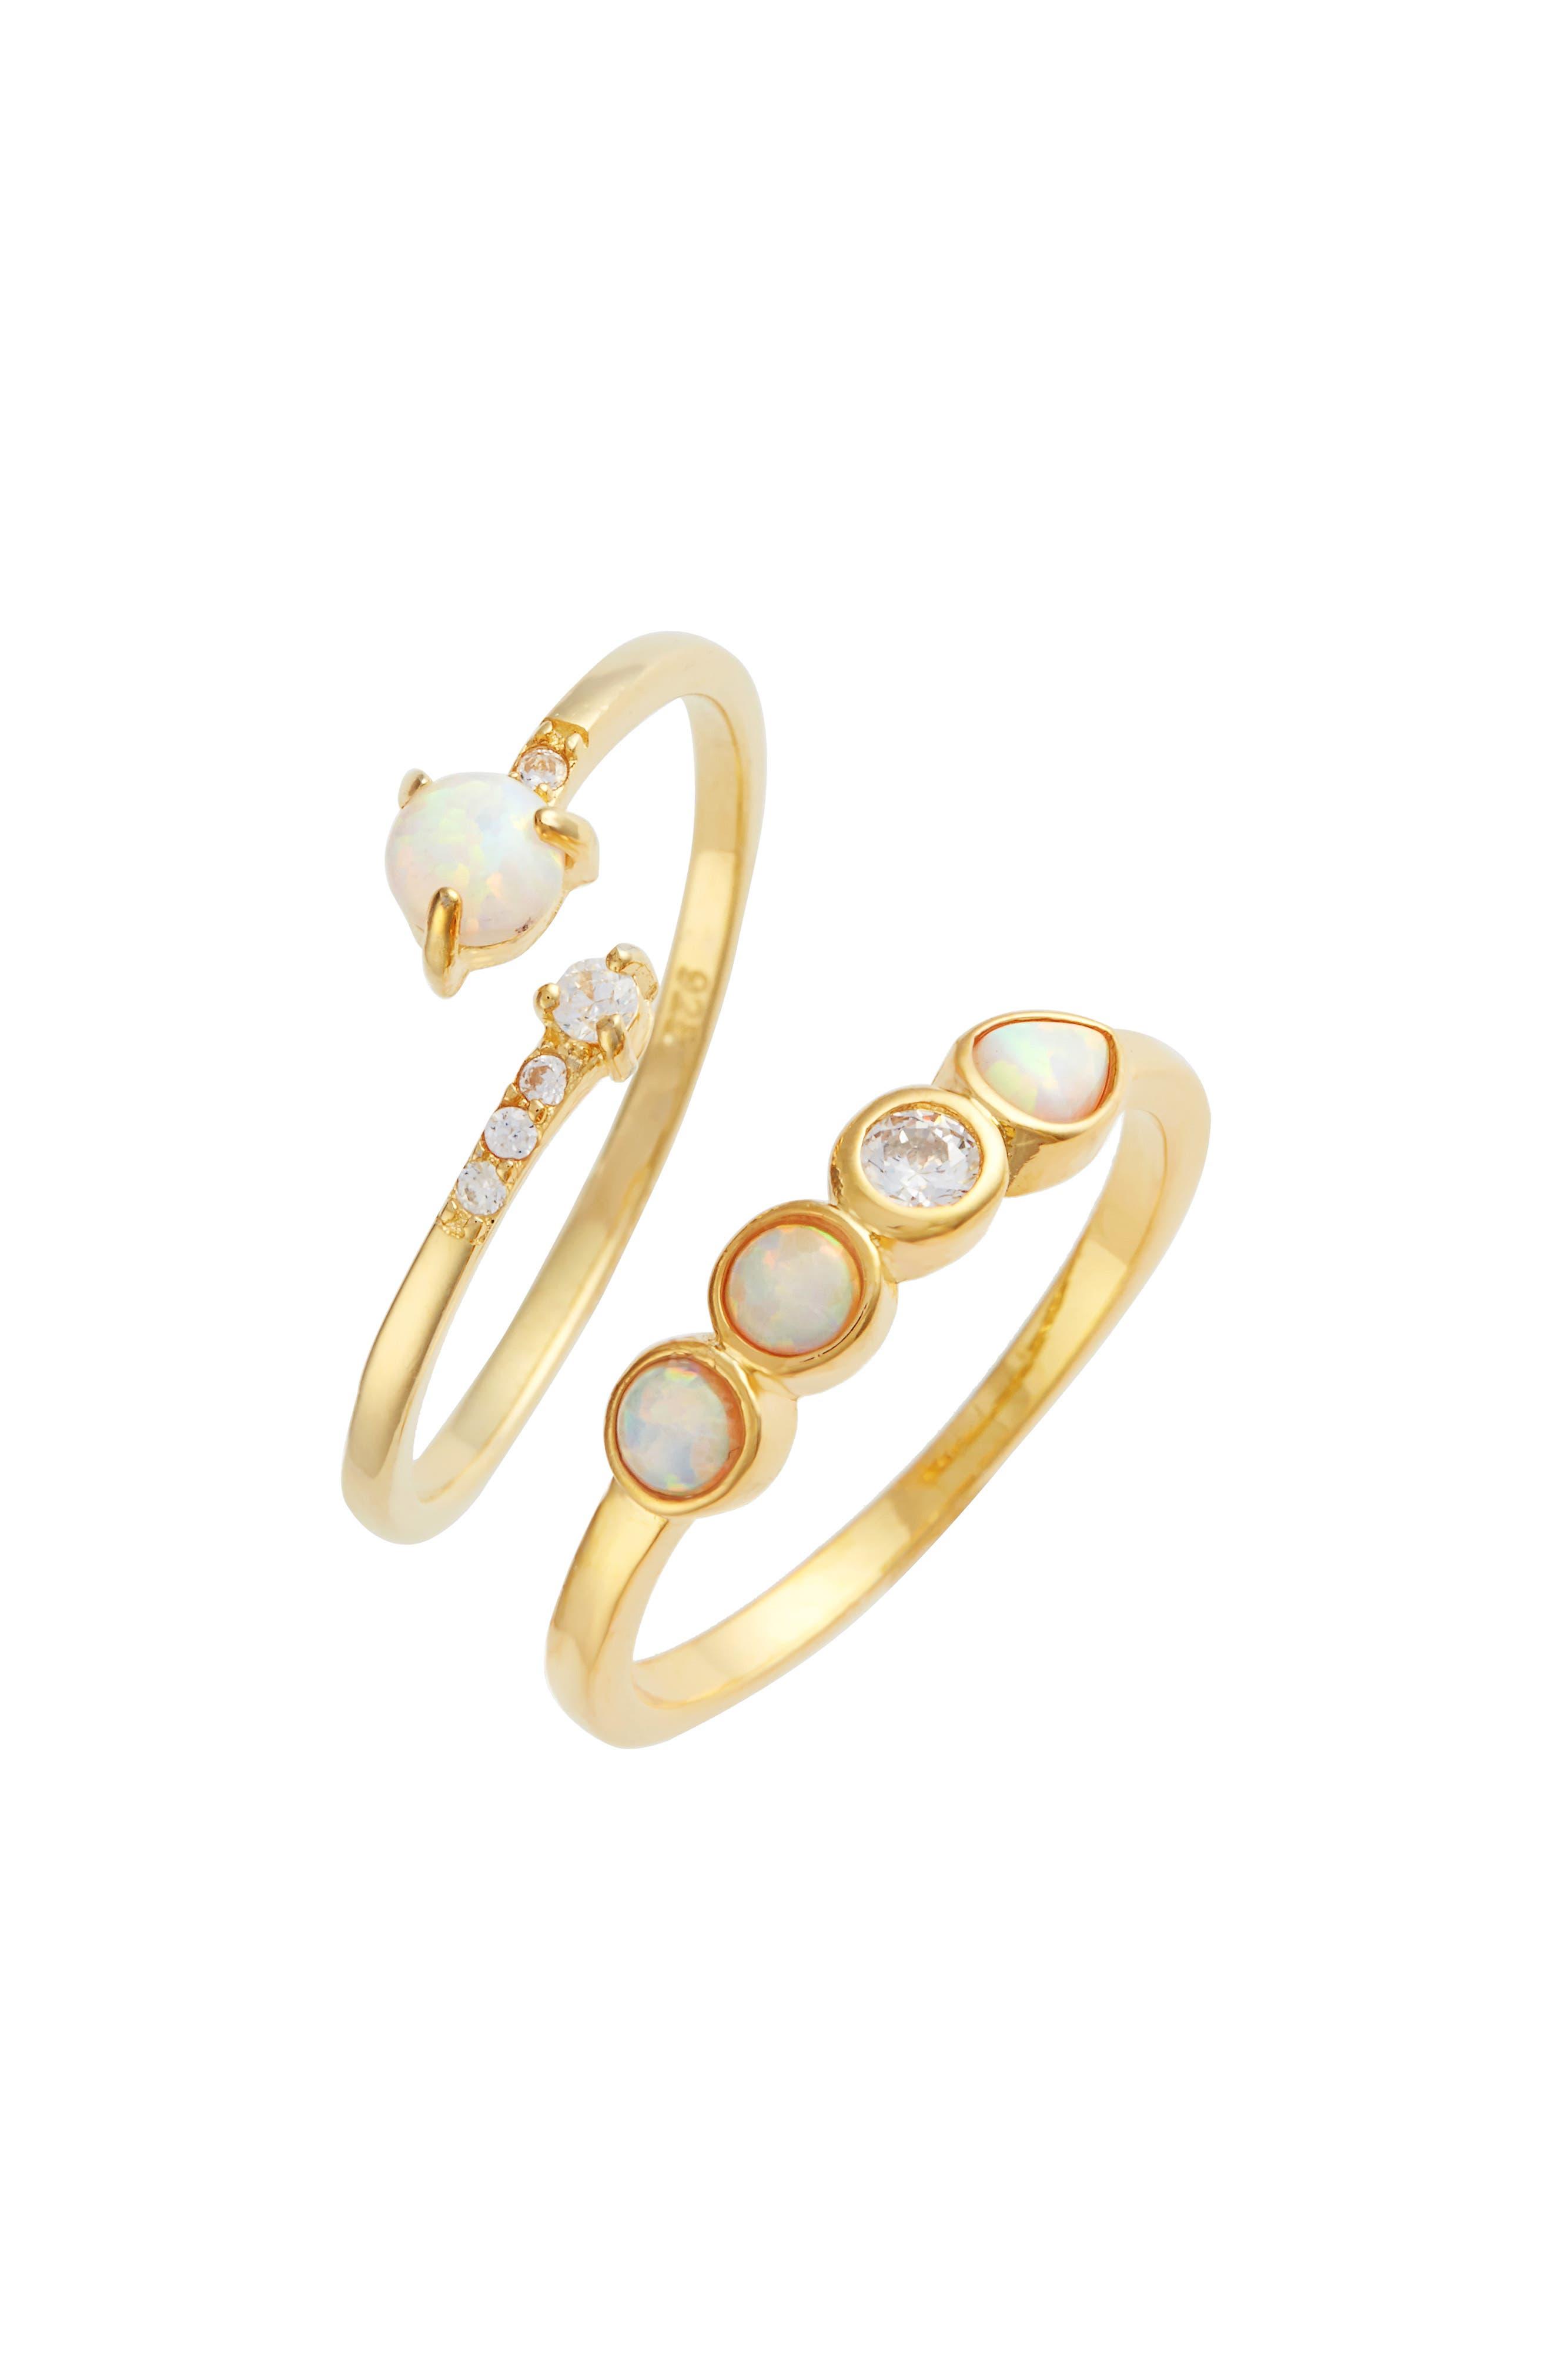 Lydia Set of 2 Opal & Crystal Rings,                             Main thumbnail 1, color,